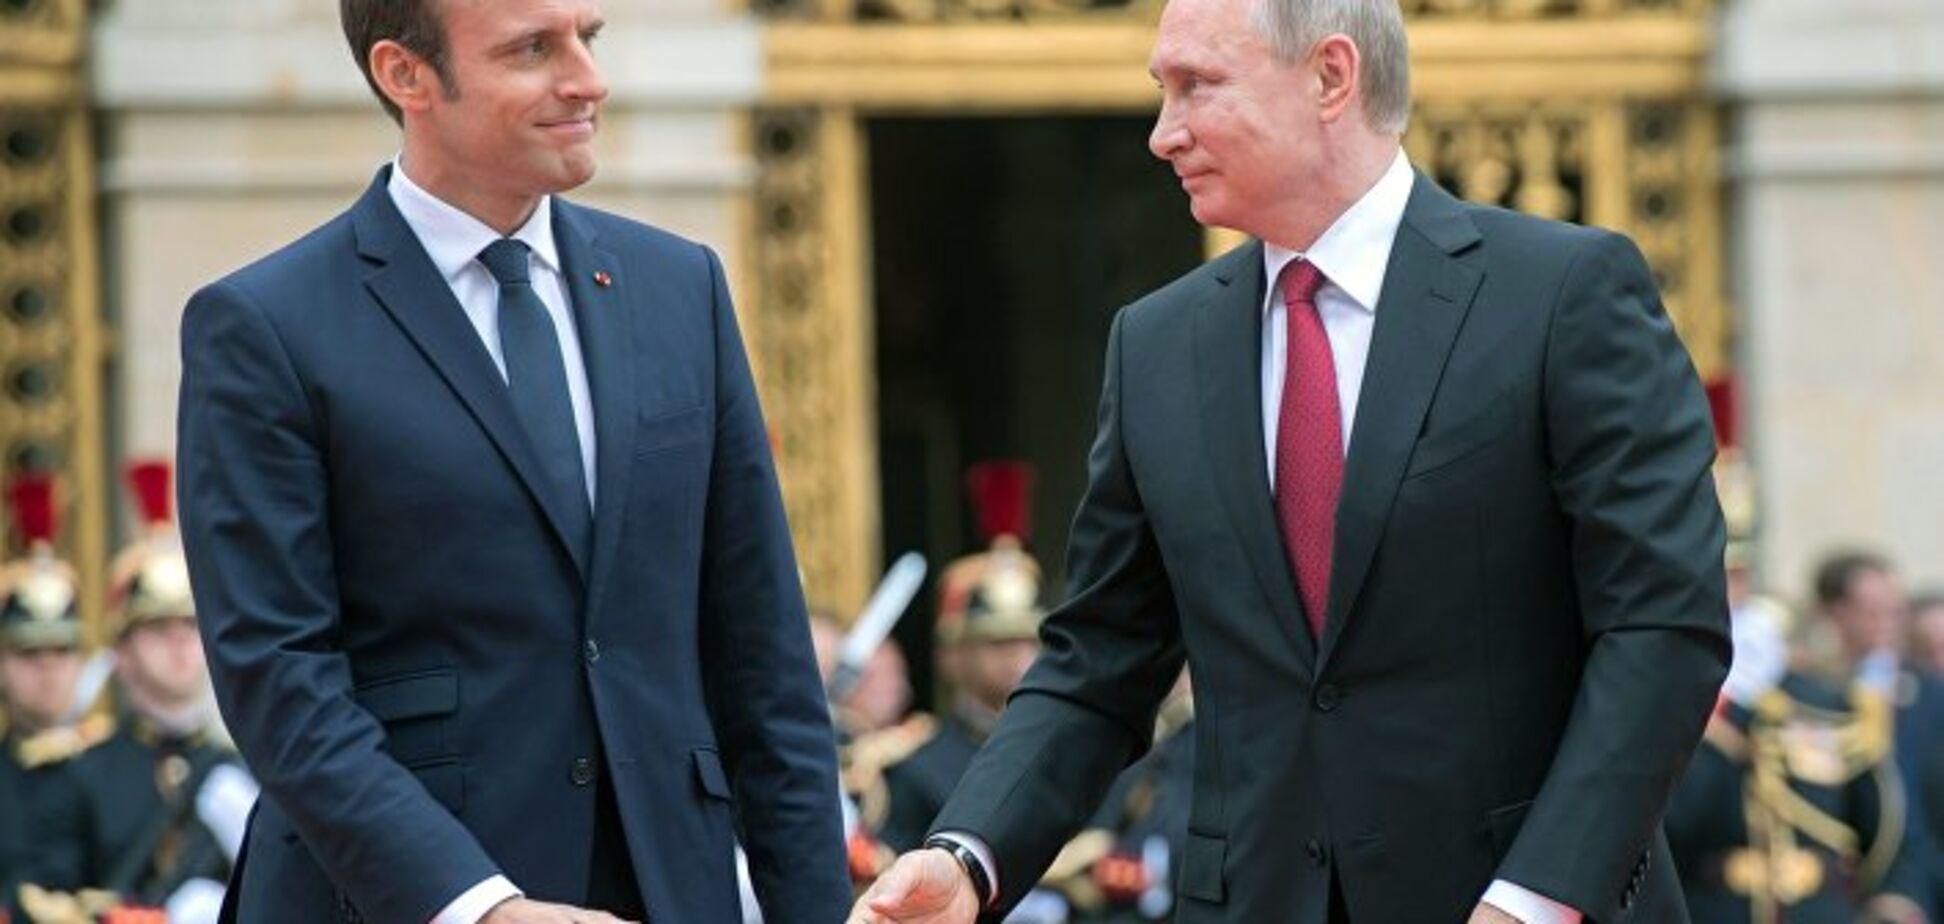 Поработало ФСБ? Пионтковский указал на странность в отношениях Макрона и Путина